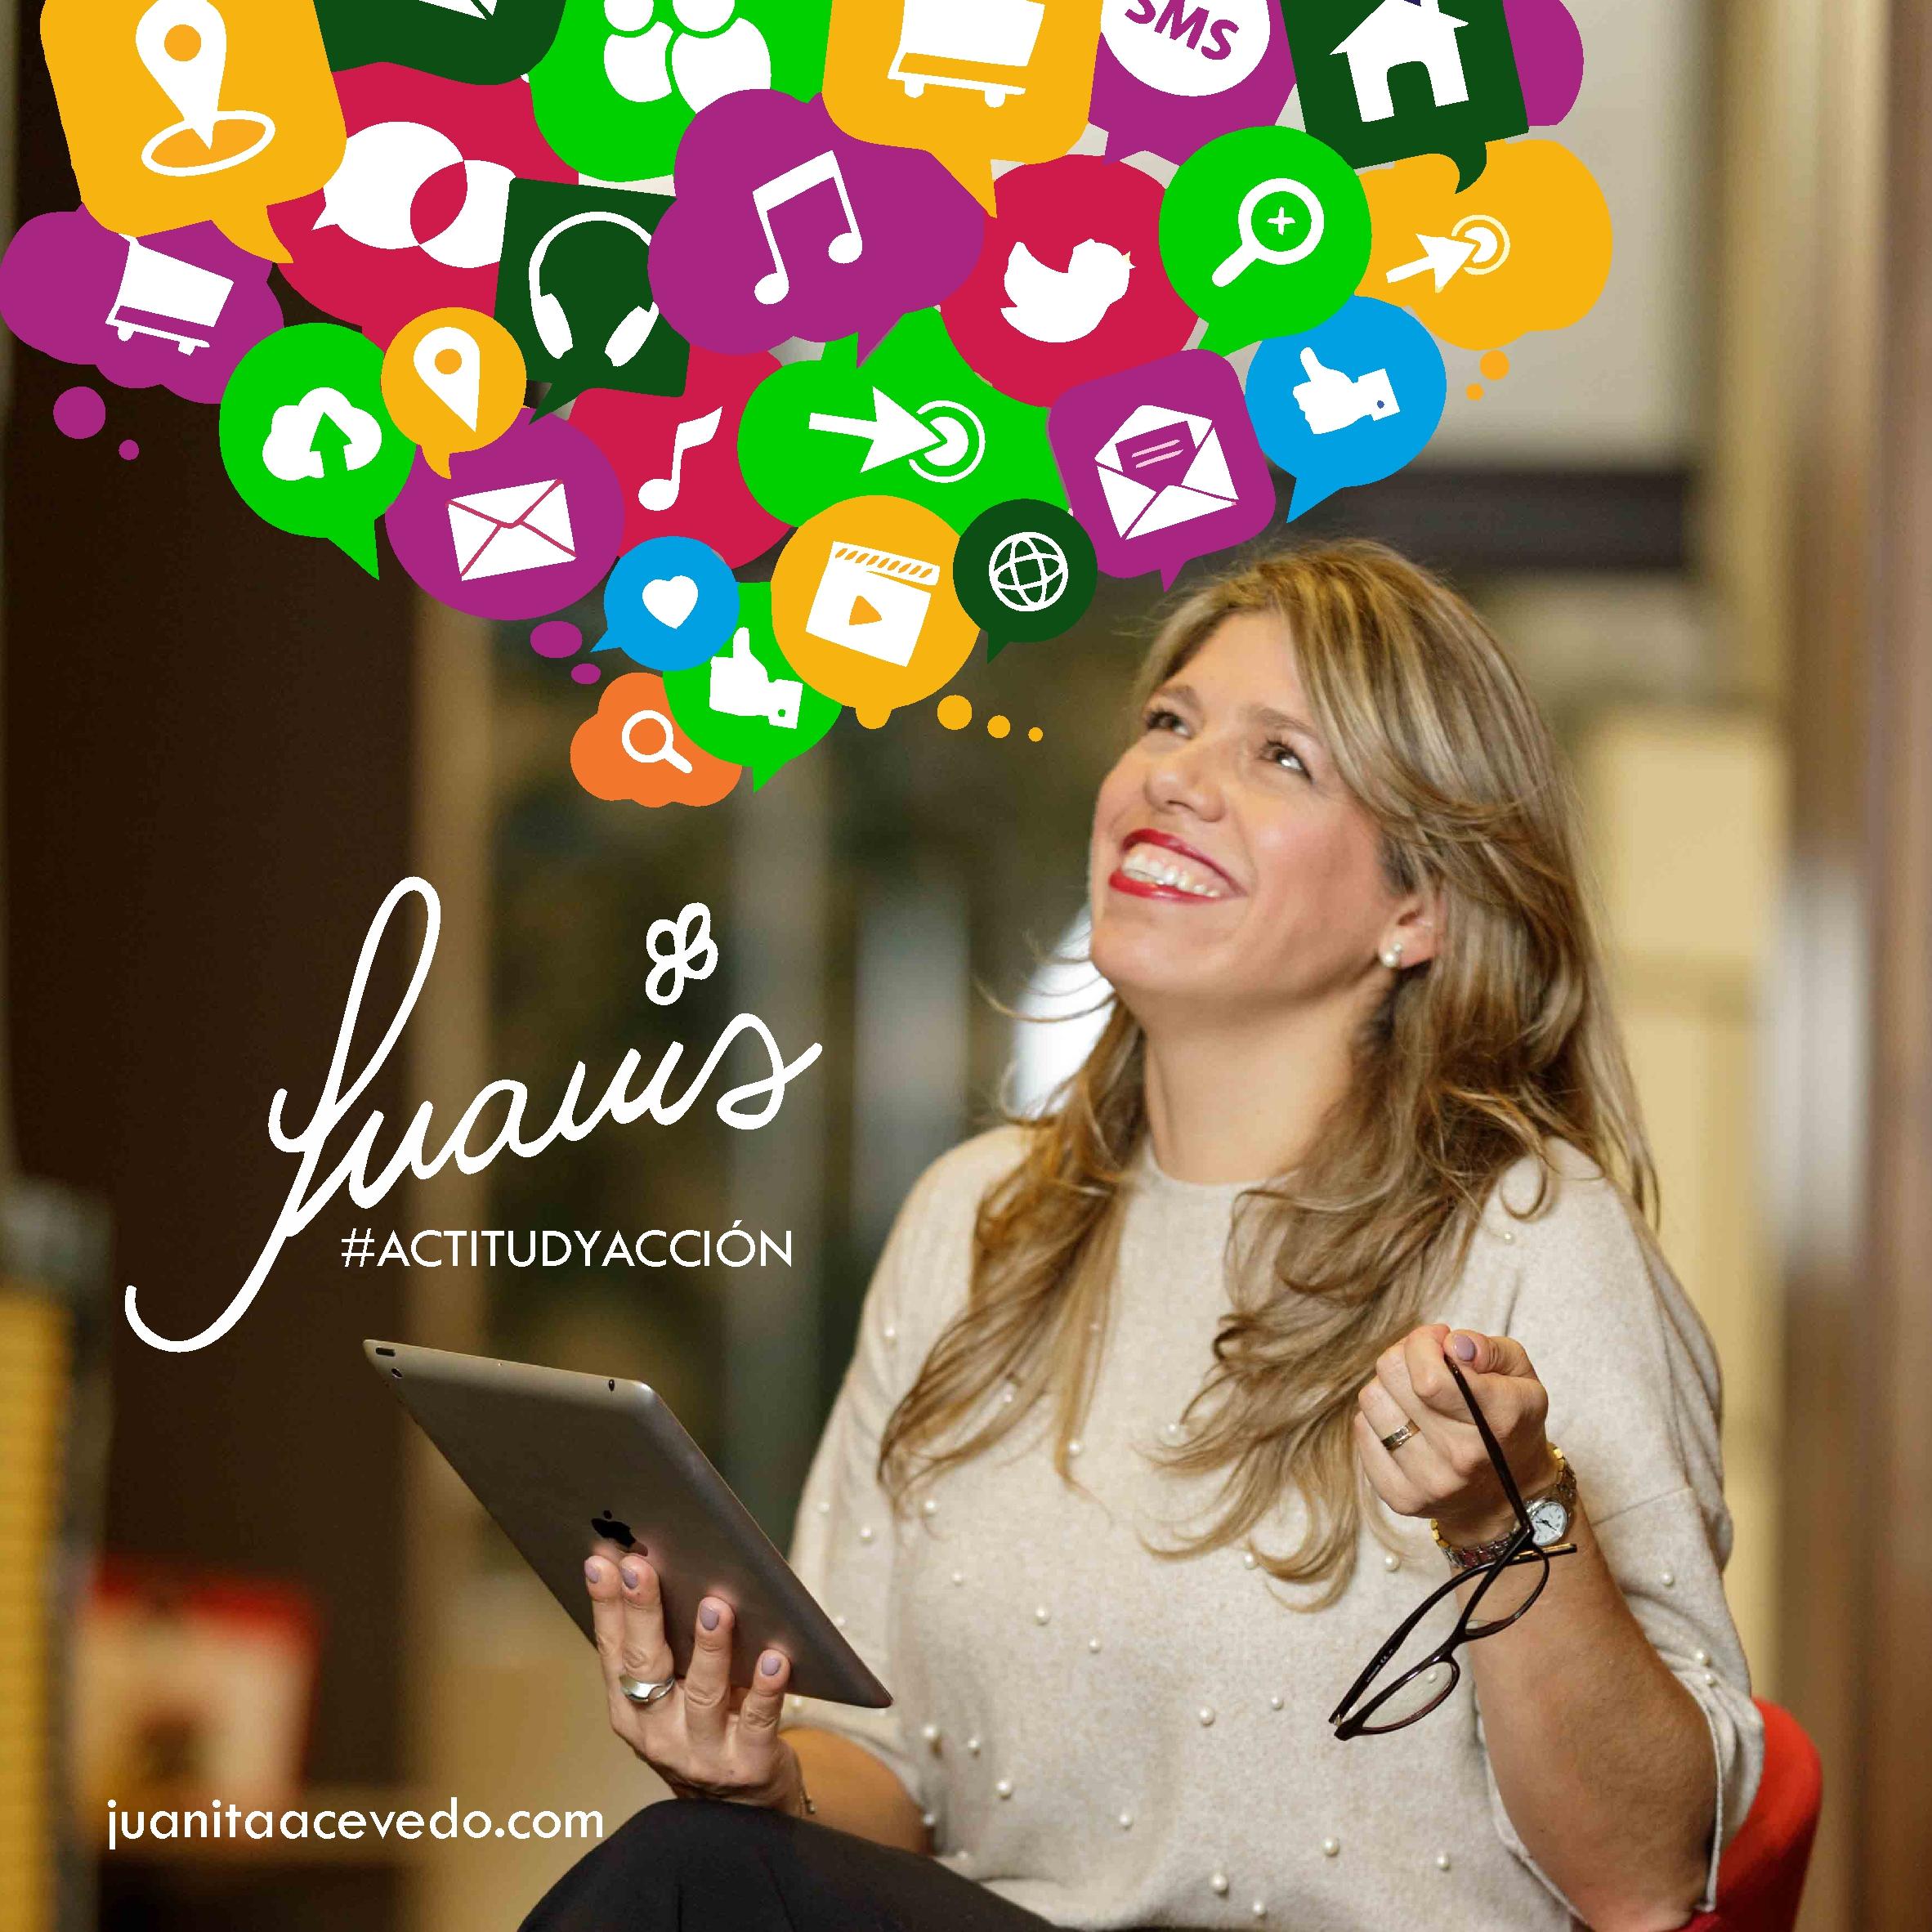 Marca Personal - Juanita Acevedo